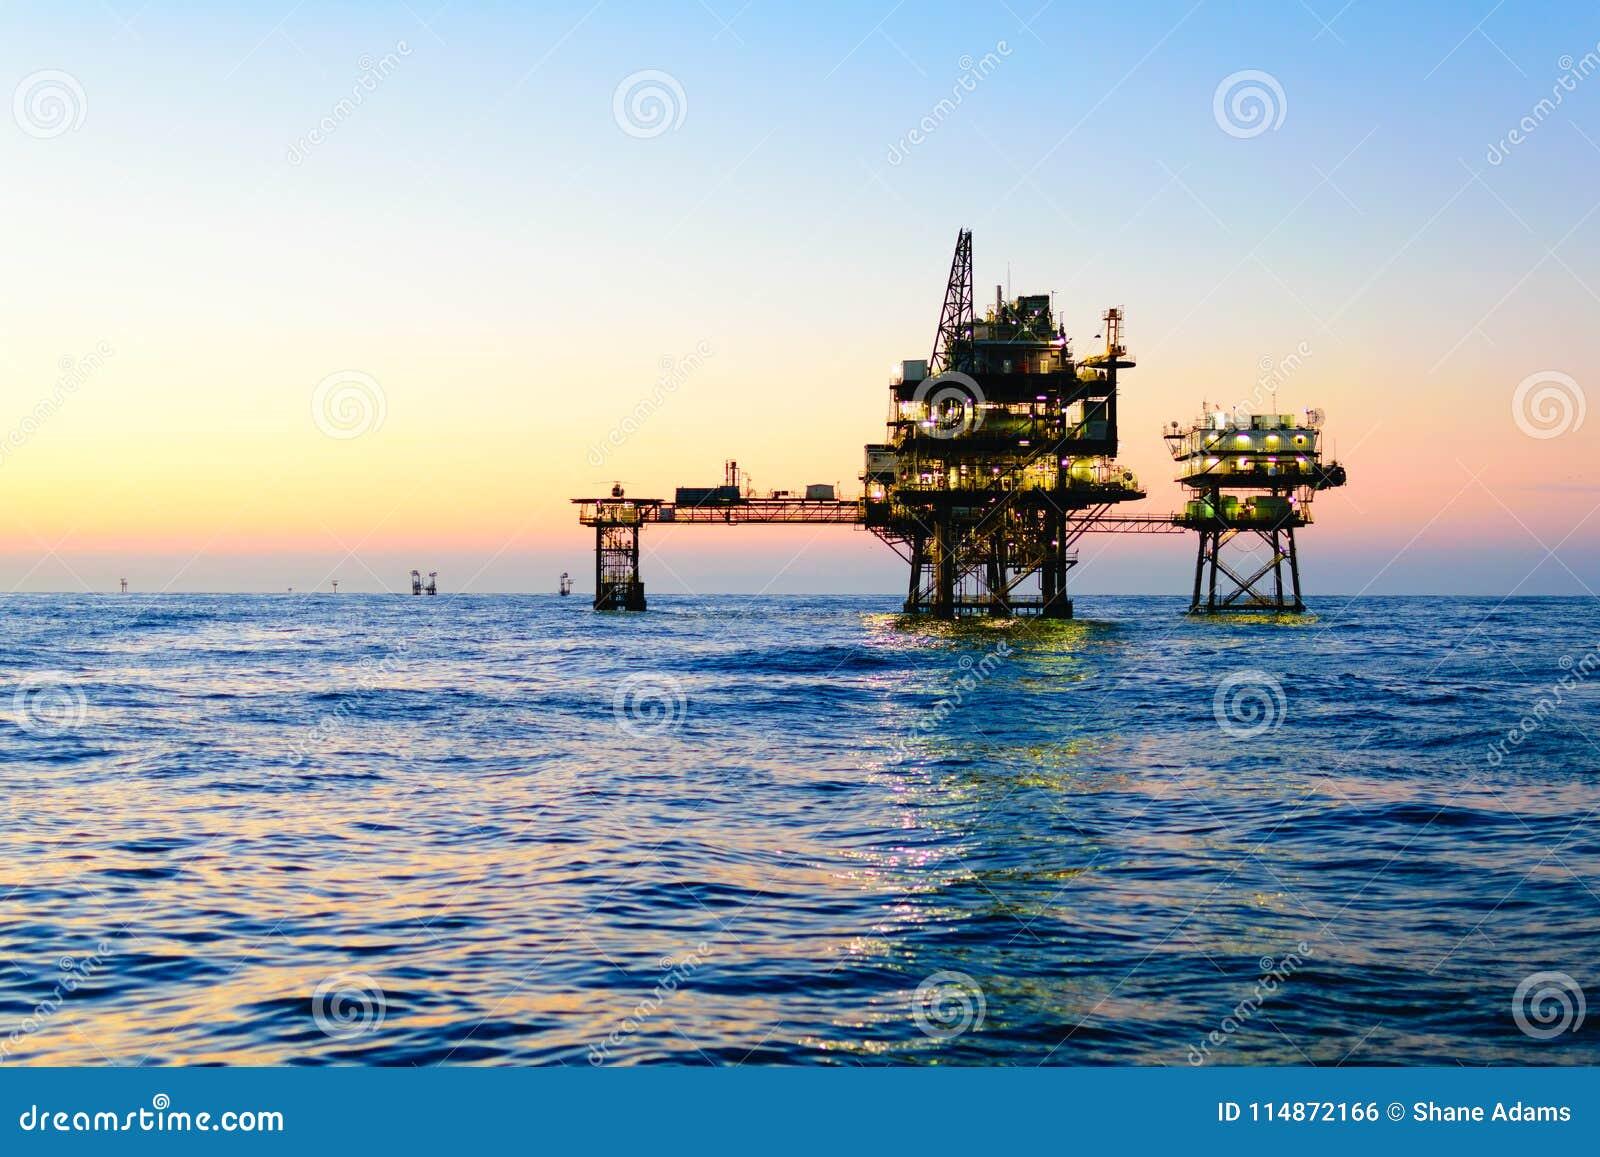 Frånlands- olje- plattform